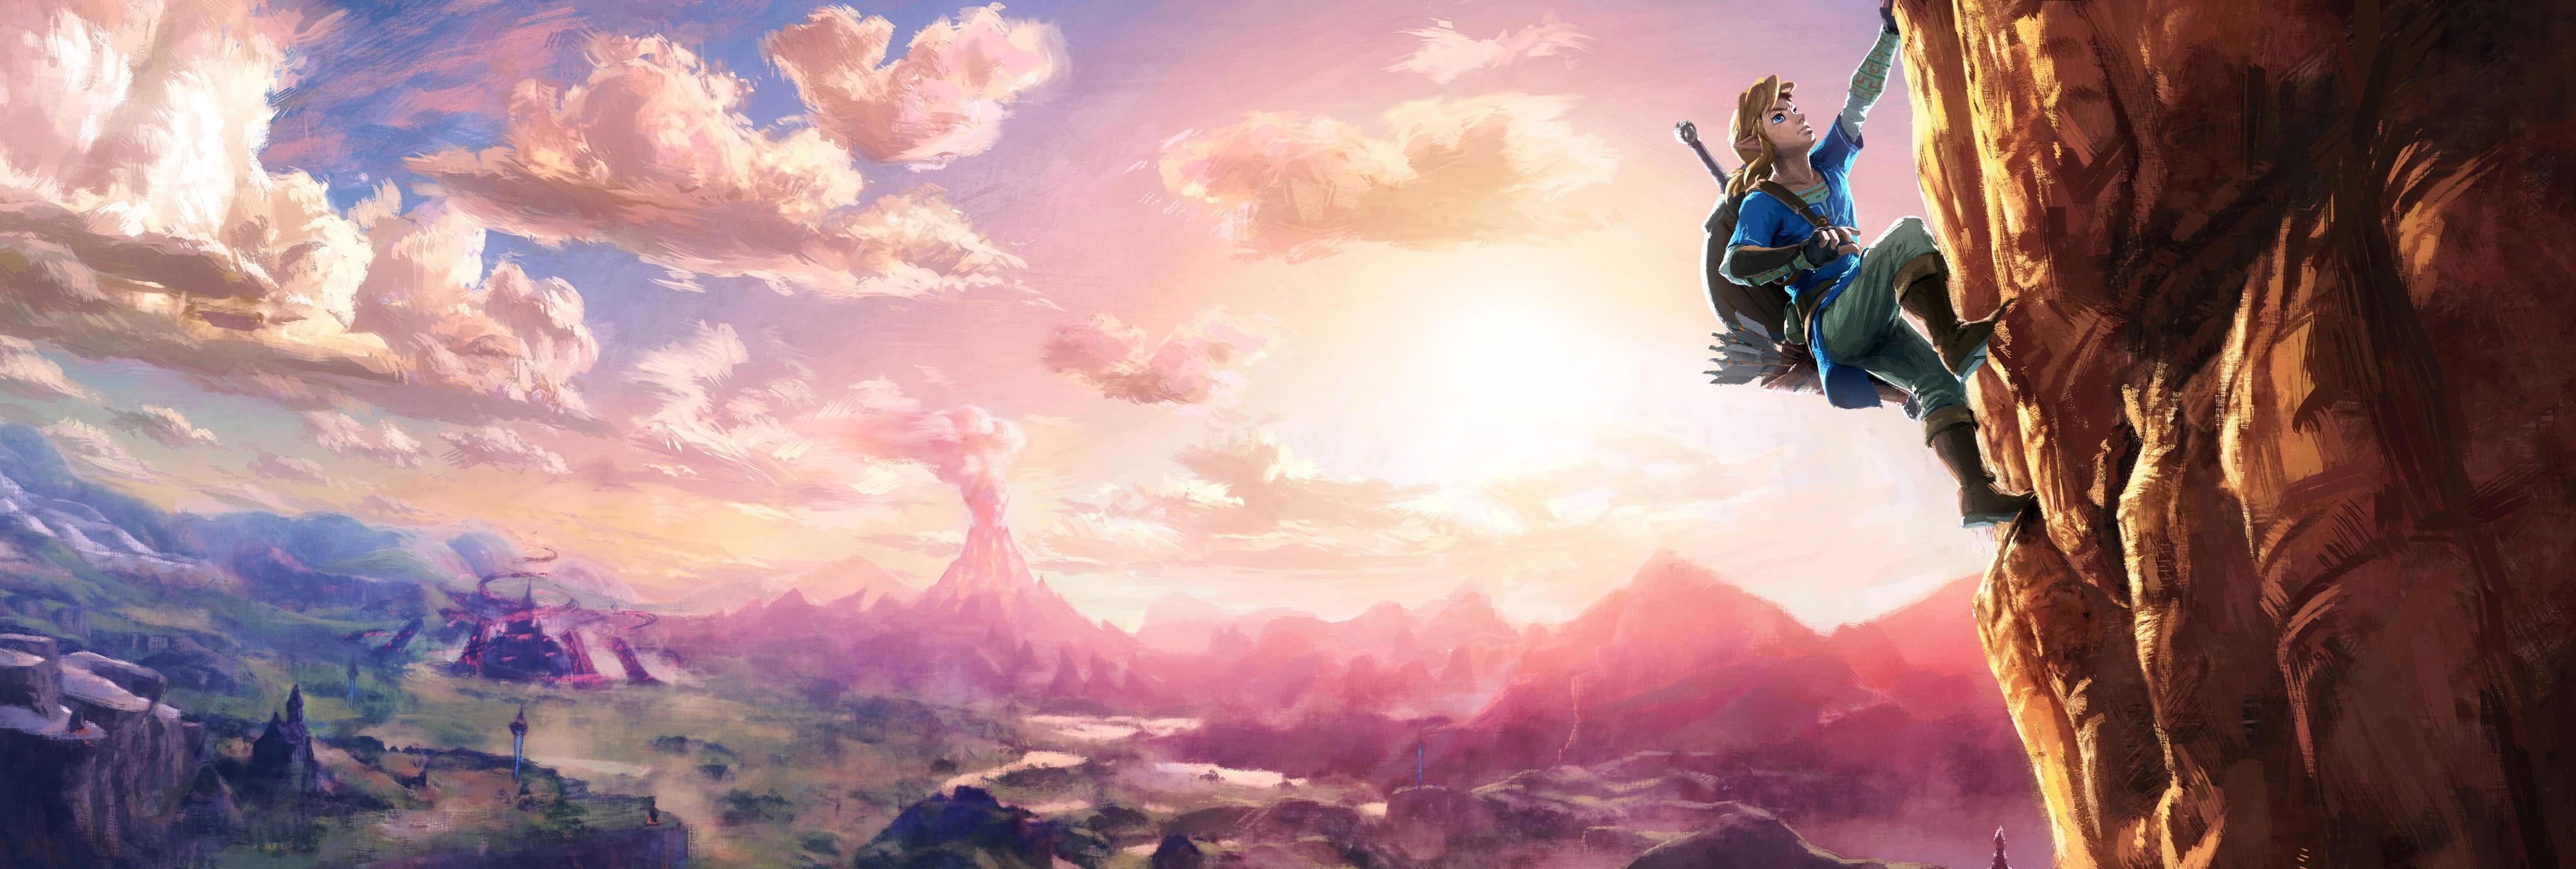 Los 7 videojuegos más esperados de 2017